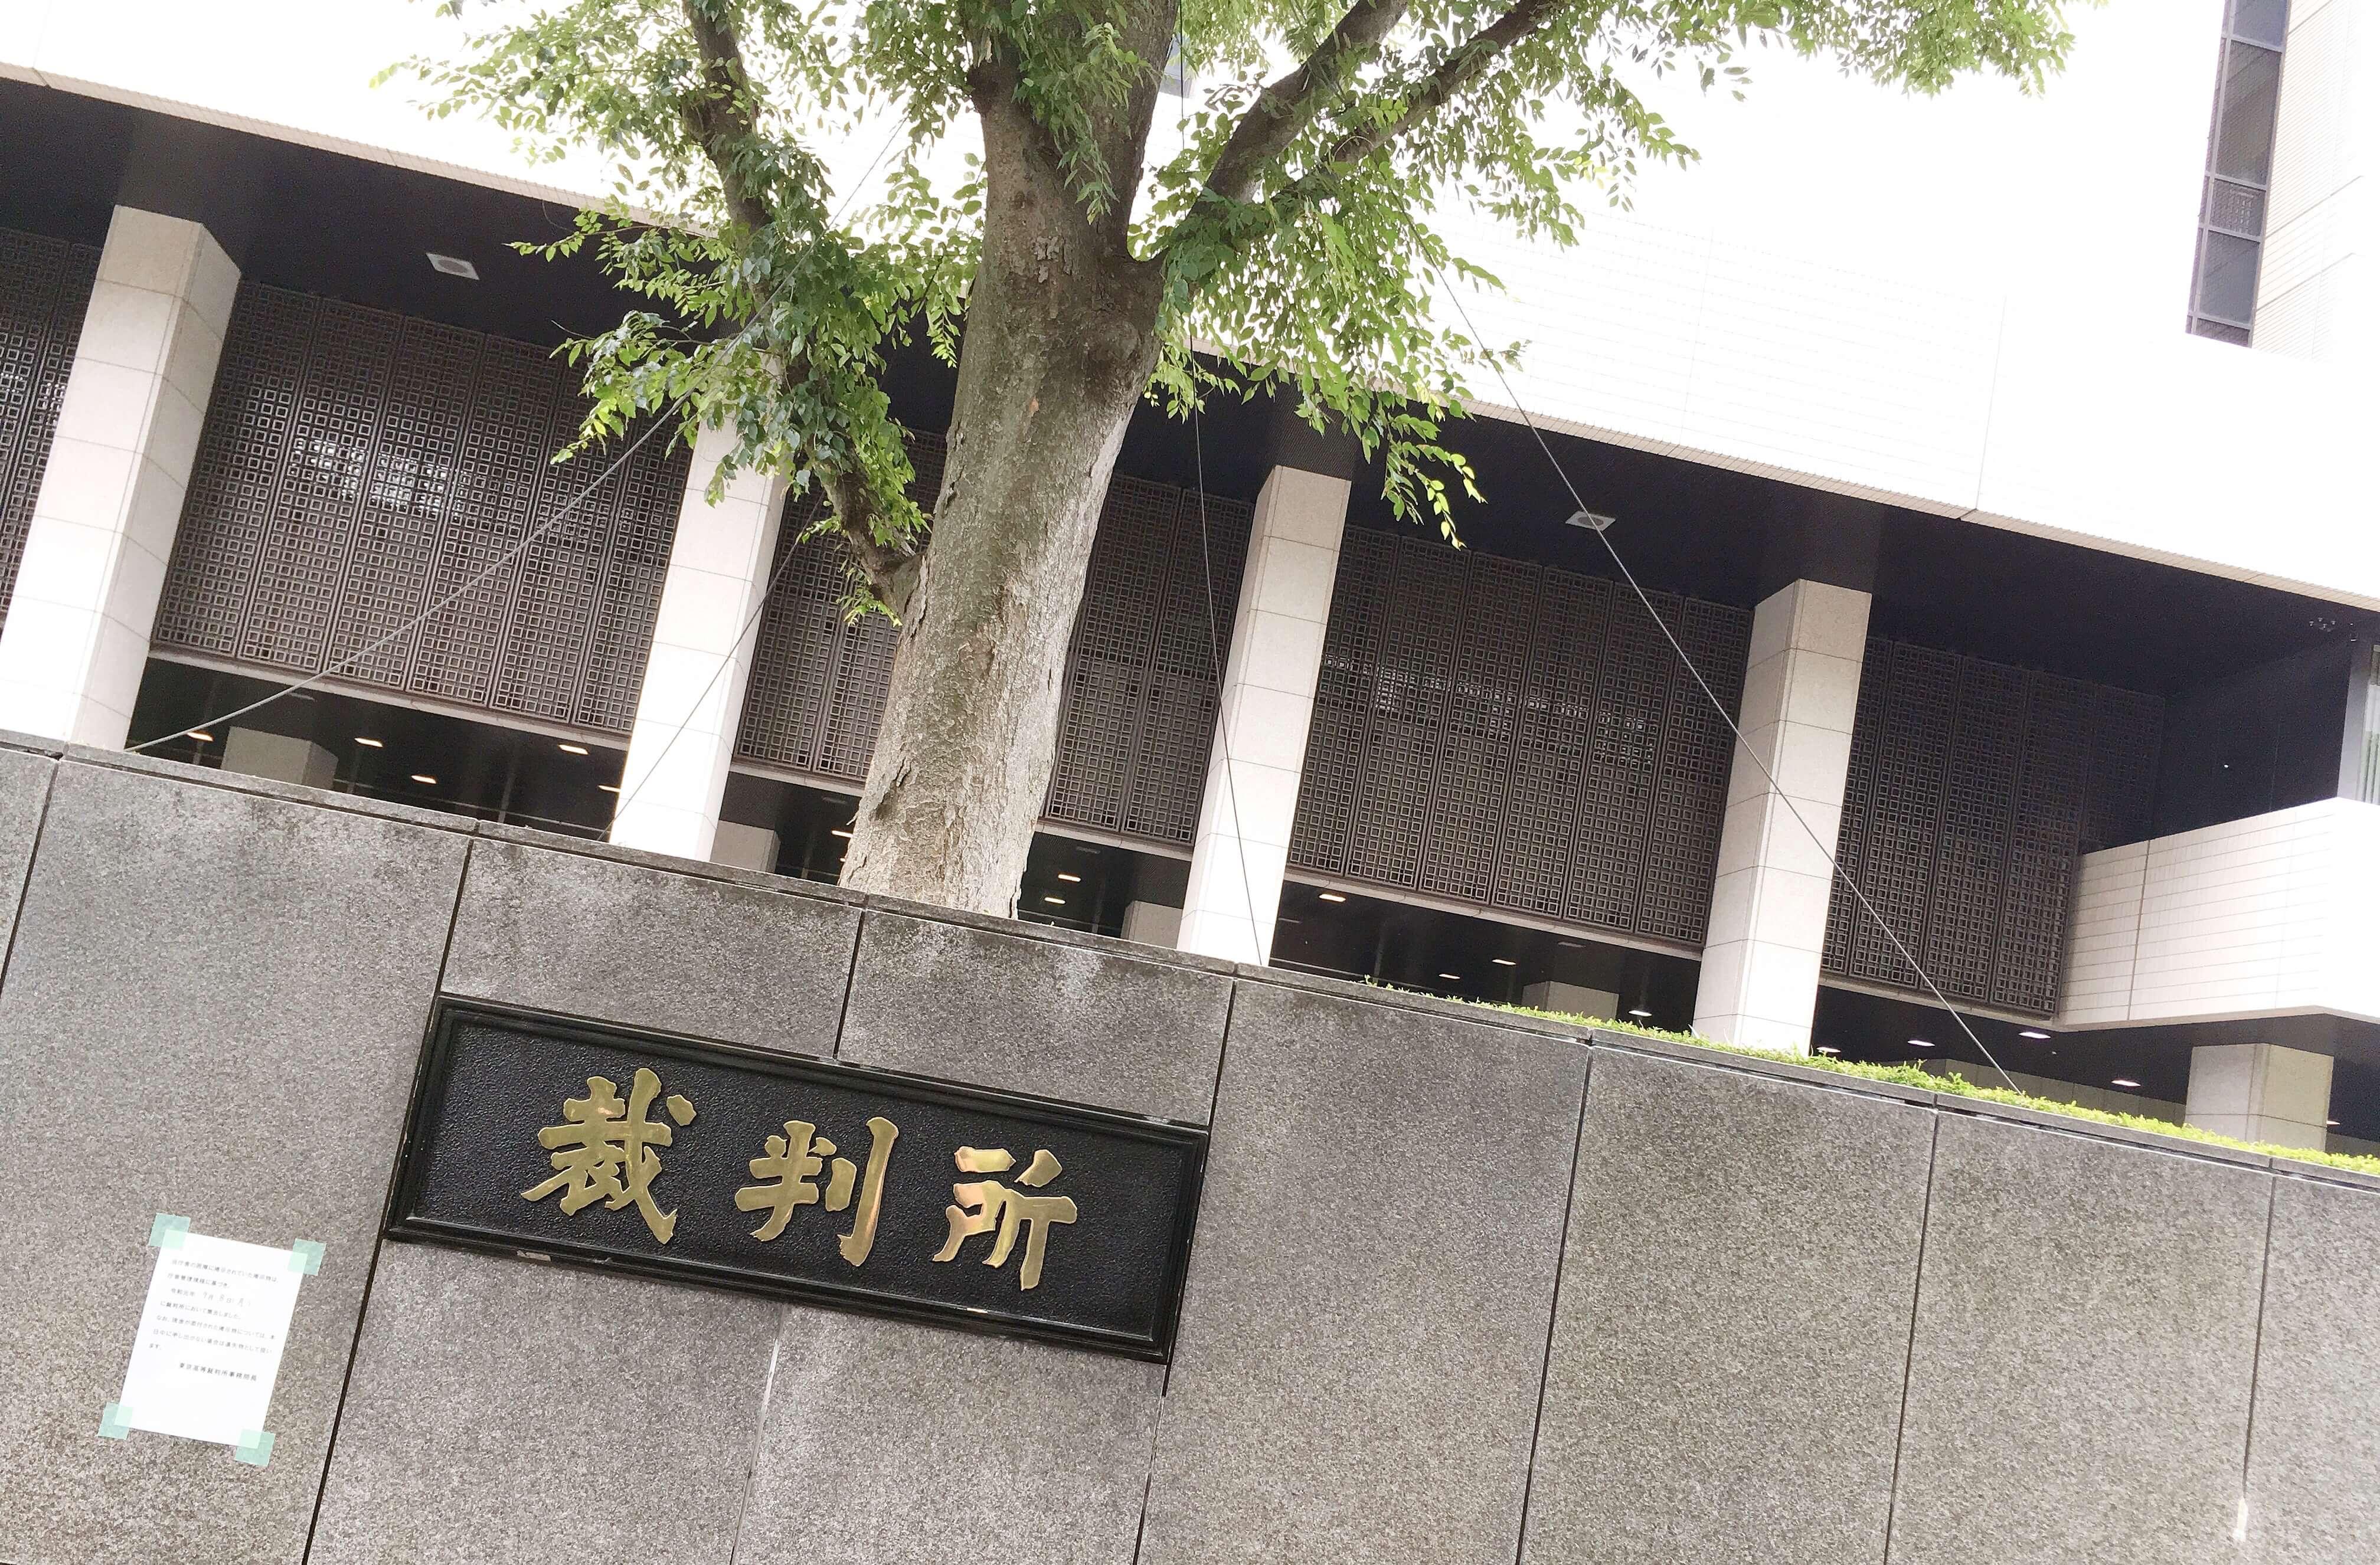 東京地方裁判所 傍聴